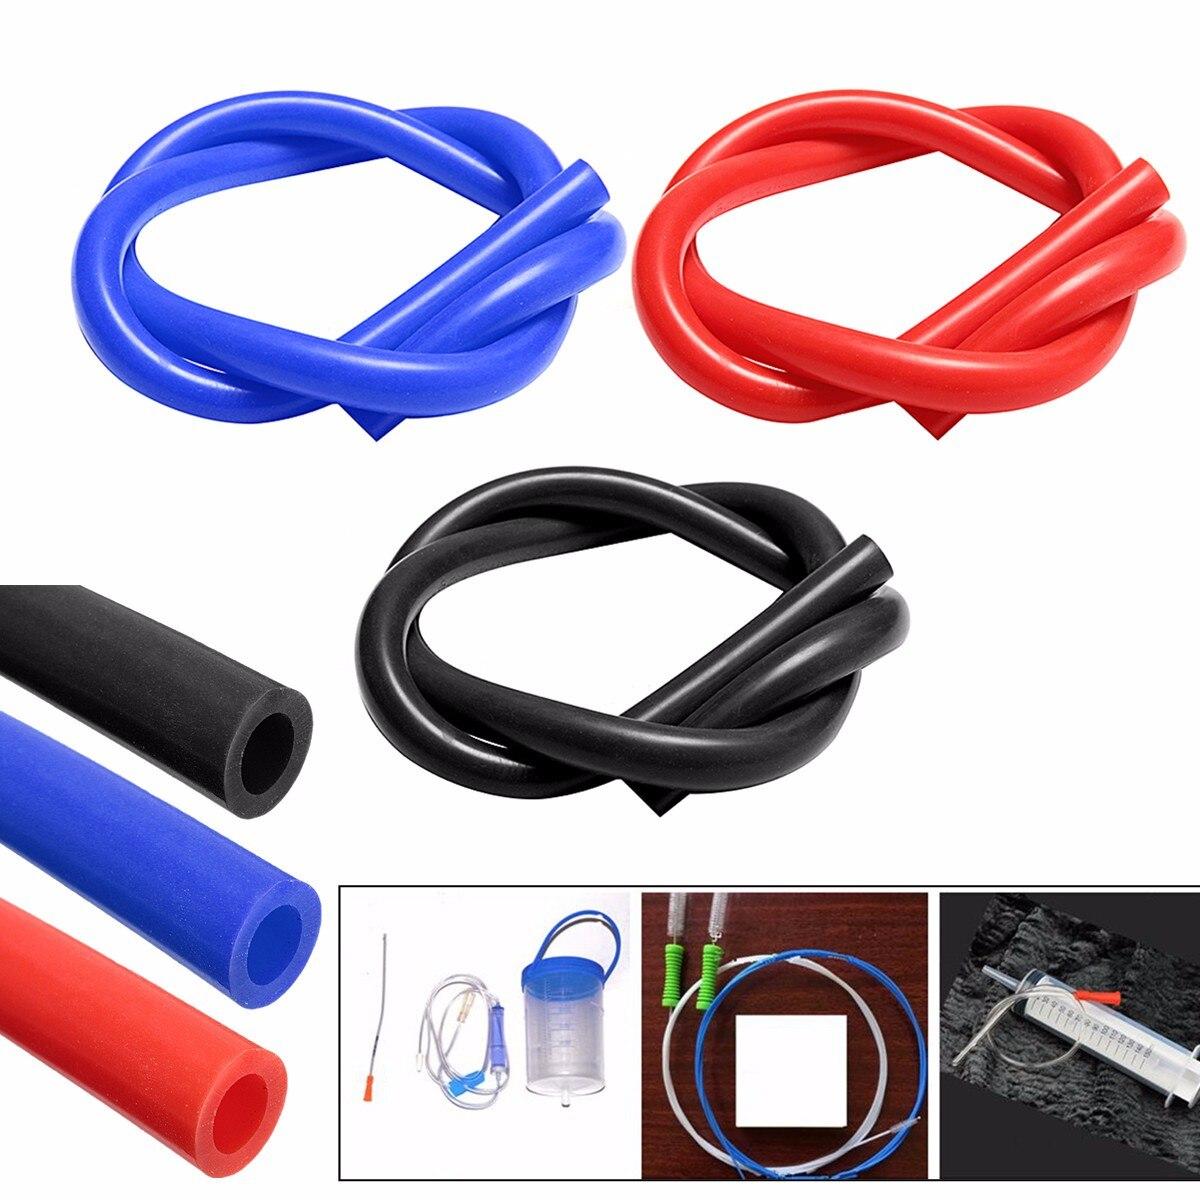 1M Inner Diameter 22mm Silicone Tube Silicone Vacuum Hose Tubing Turbo Coolant Tube воздухозаборник silicone vacuum hose 2